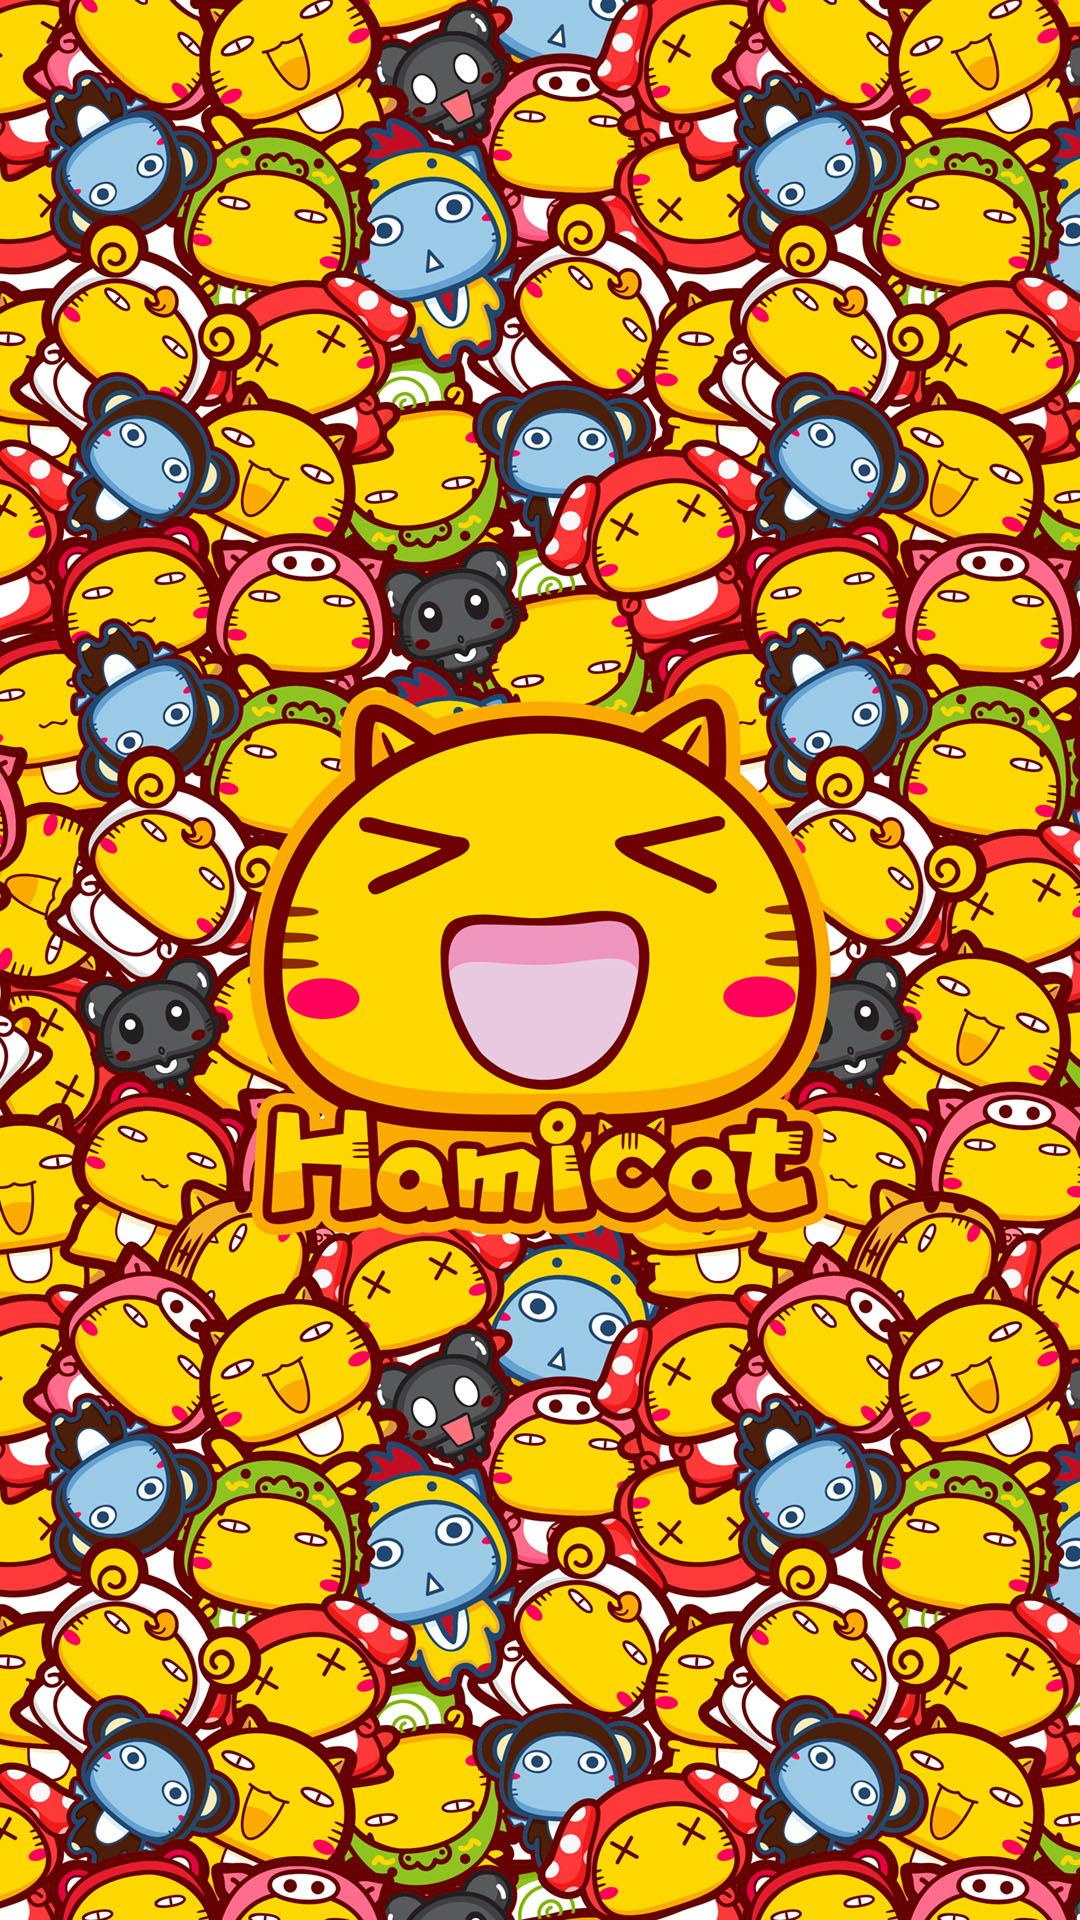 有很多很多很多只哈咪猫的插画